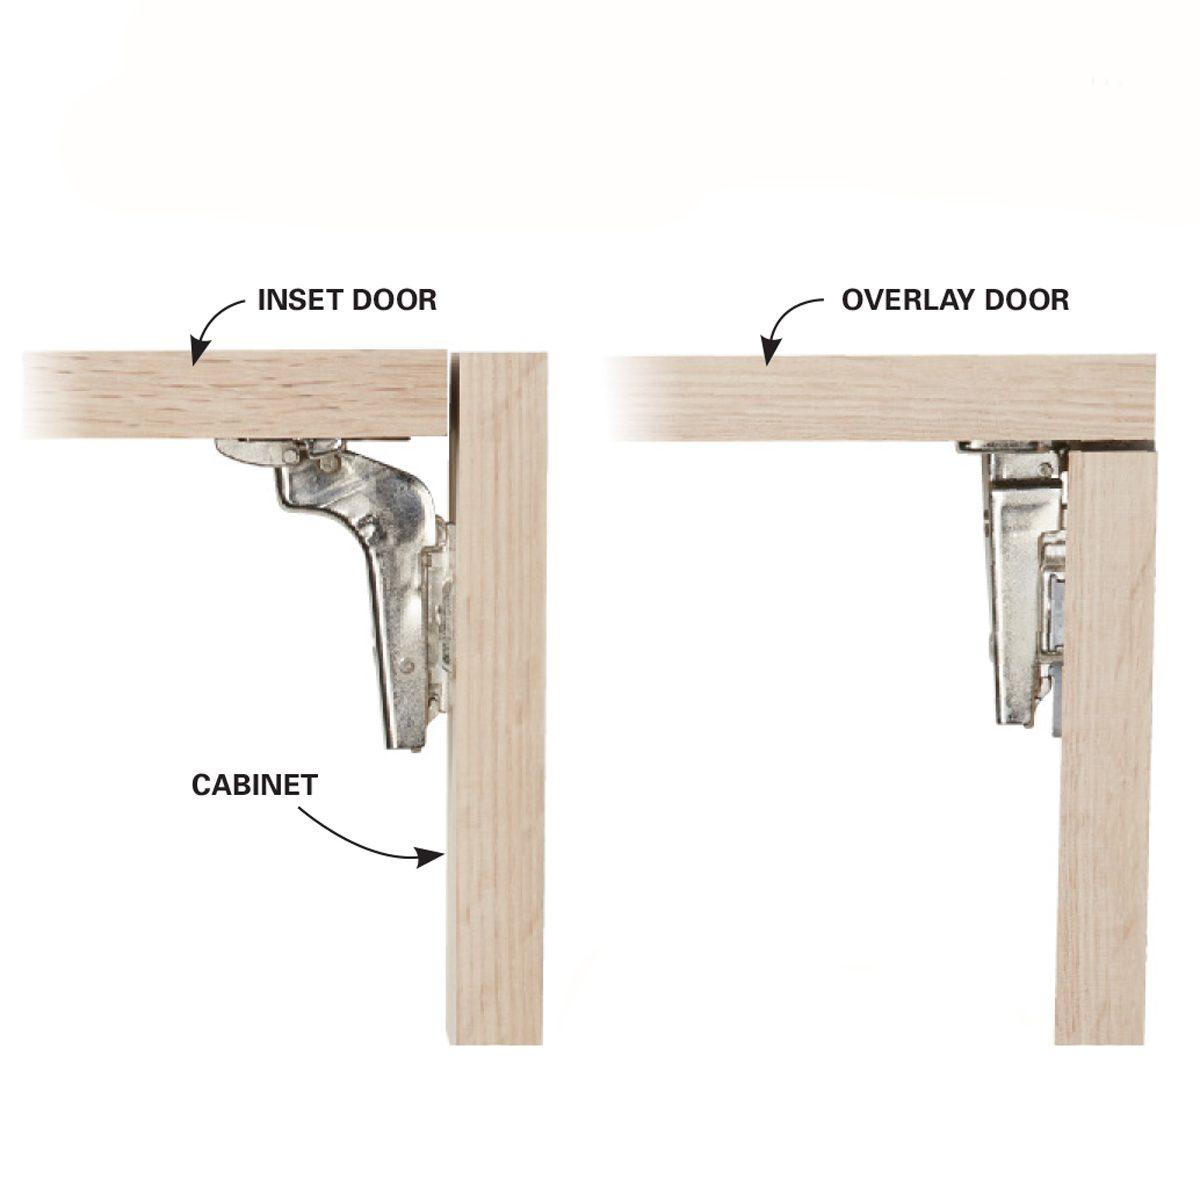 2. Inset or overlay doors?